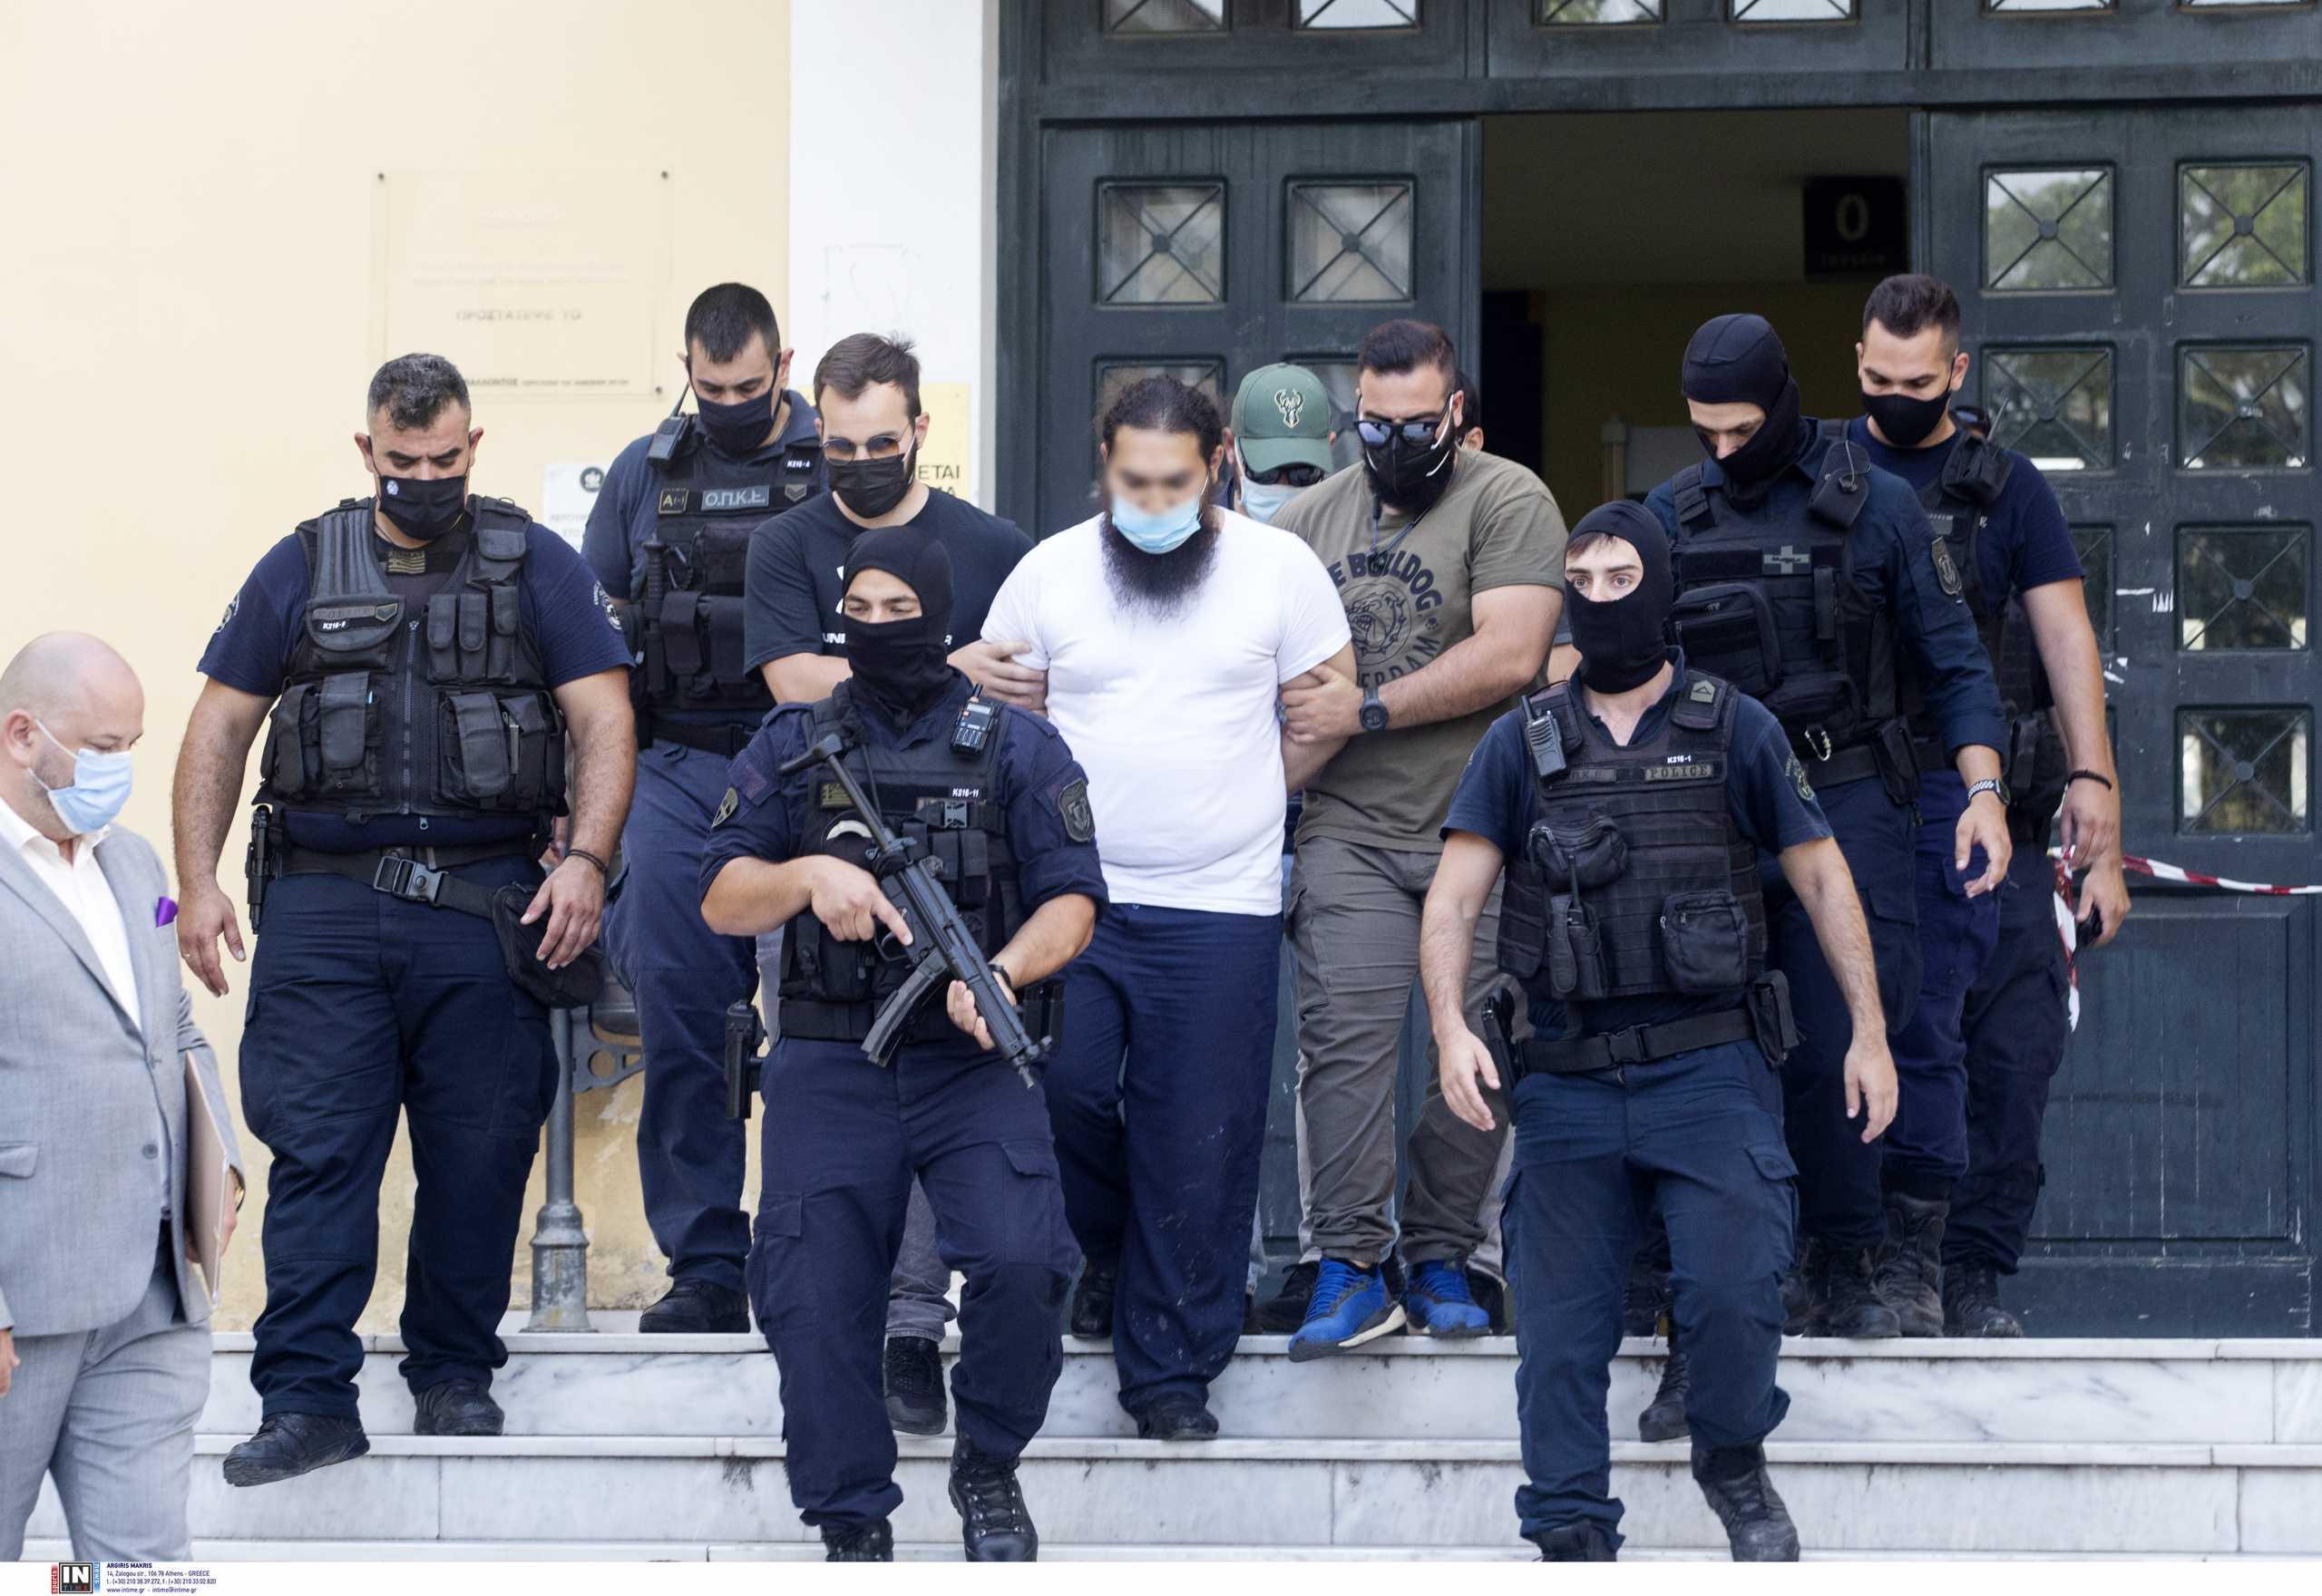 Επίθεση Μονή Πετράκη:  Είχε απειλήσει ξανά ο 37χρονος – Αθηναγόρας: Να εξετάζονται οι ψυχολογικές αντοχές των κληρικών